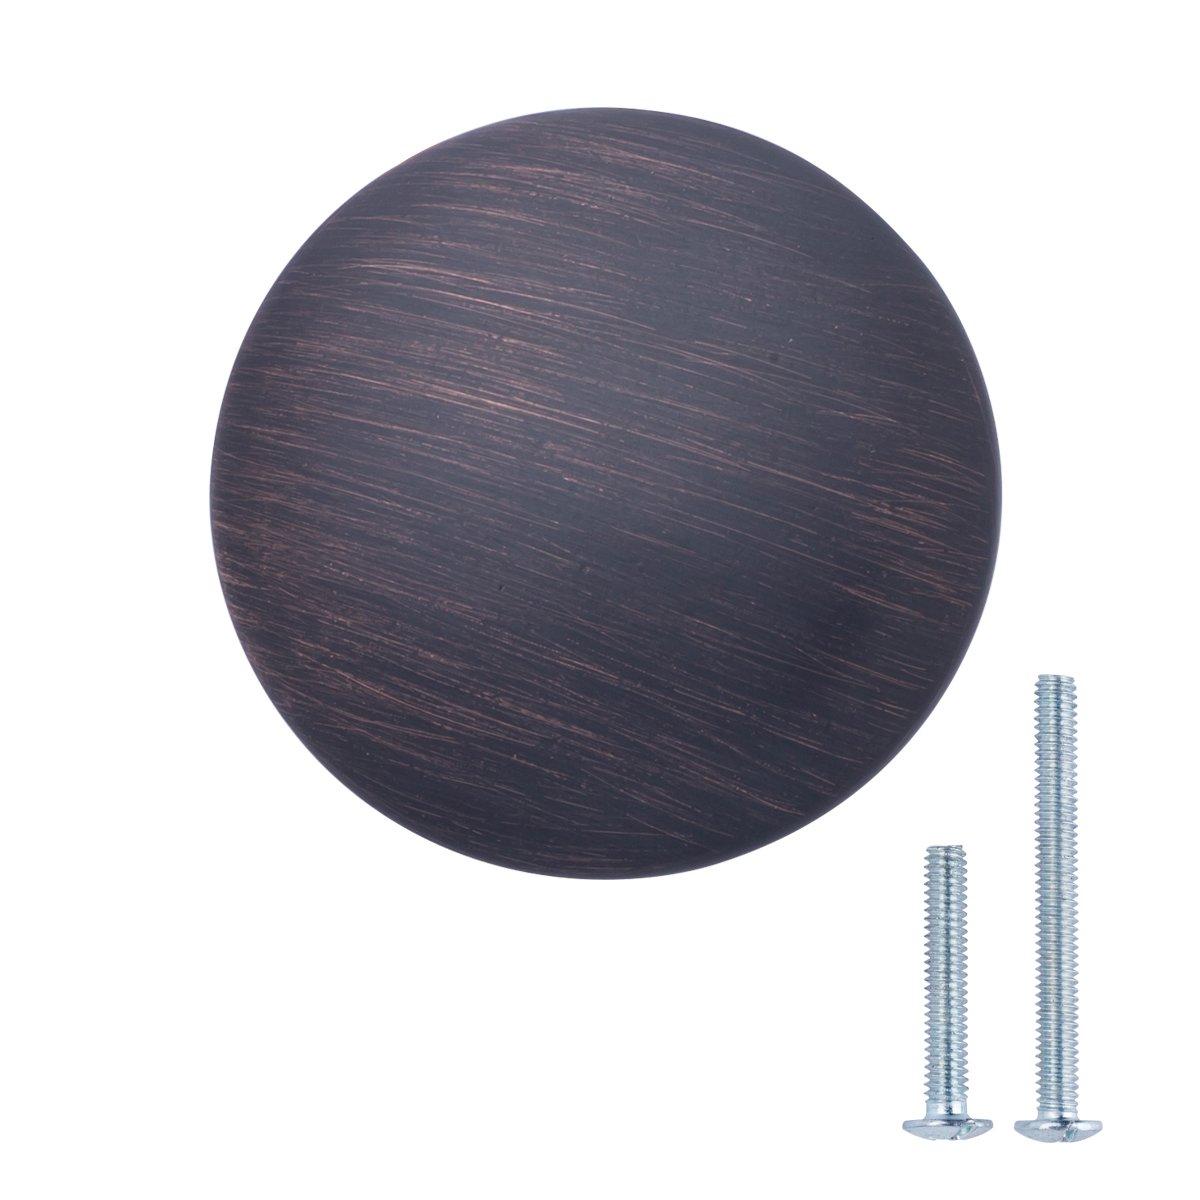 Basics - Pomolo tondo per mobili, Diametro: 2,99 cm, Bronzo anticato, Confezione da 10 pezzi AB100-OR-10